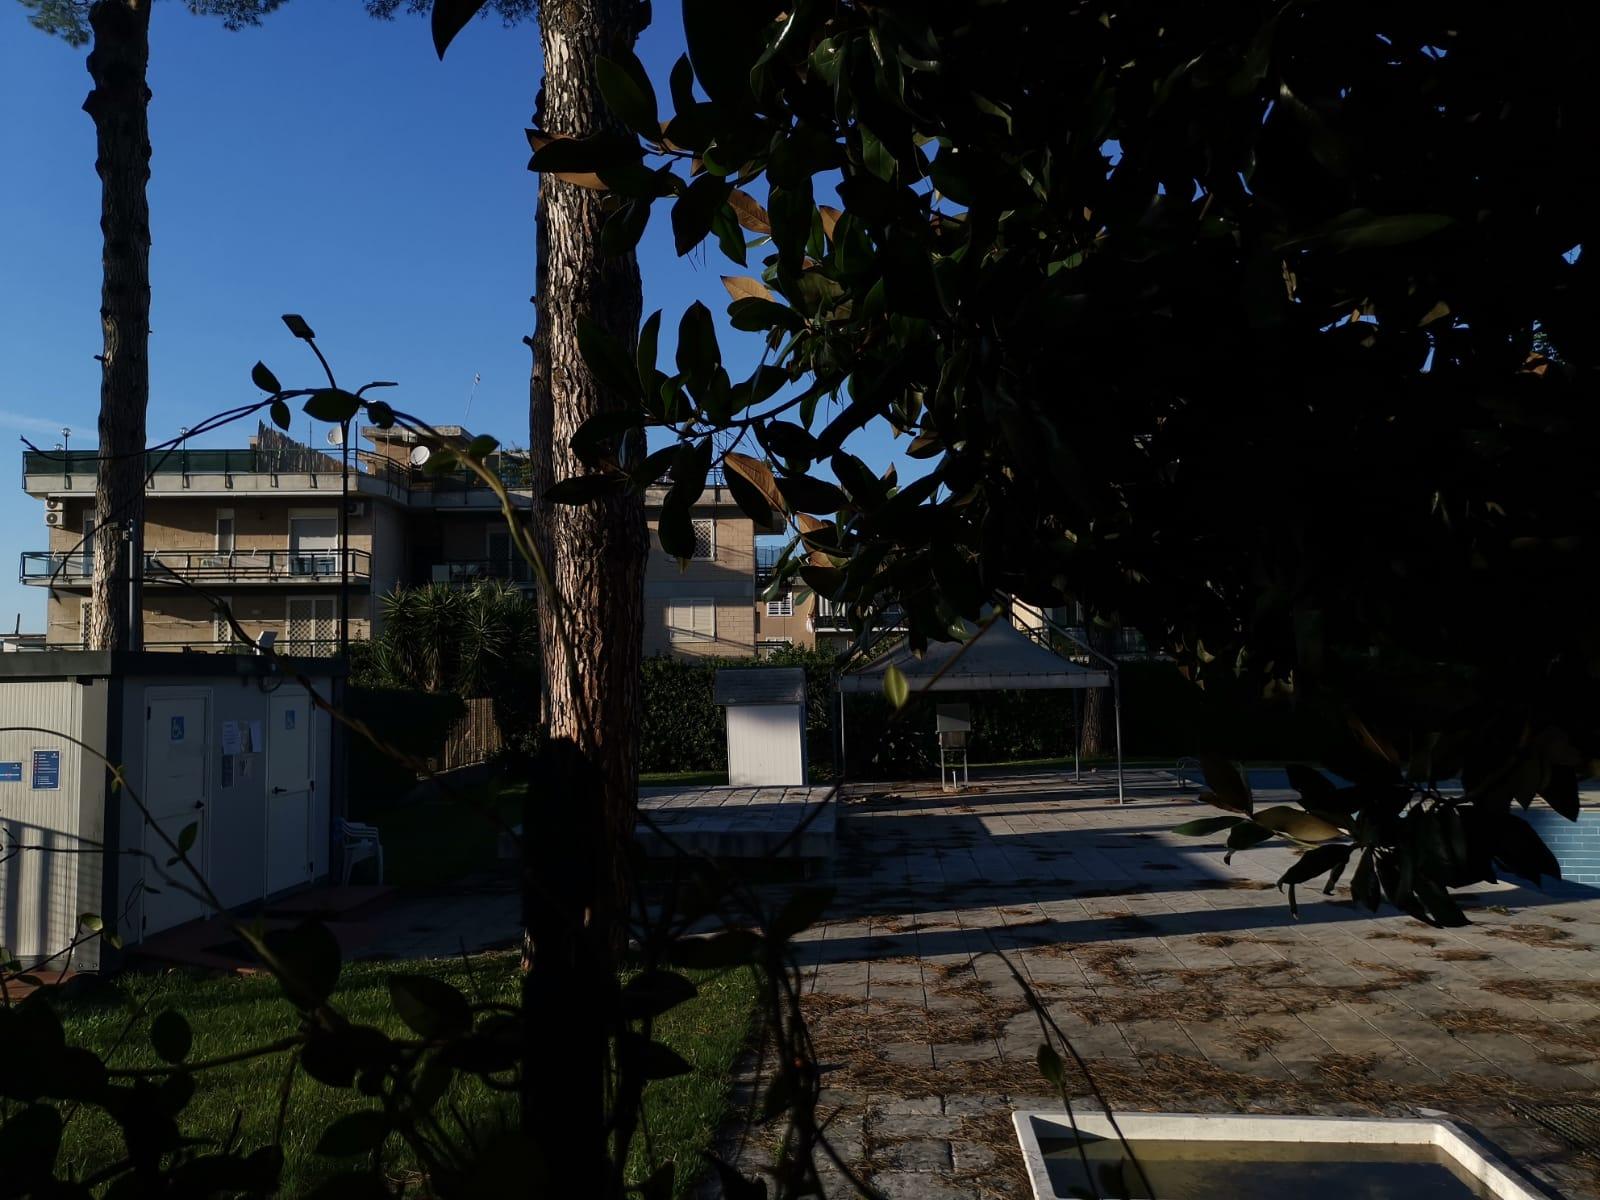 APPARTAMENTO 160 MQ IN PARCO Villaricca-Zona Expert